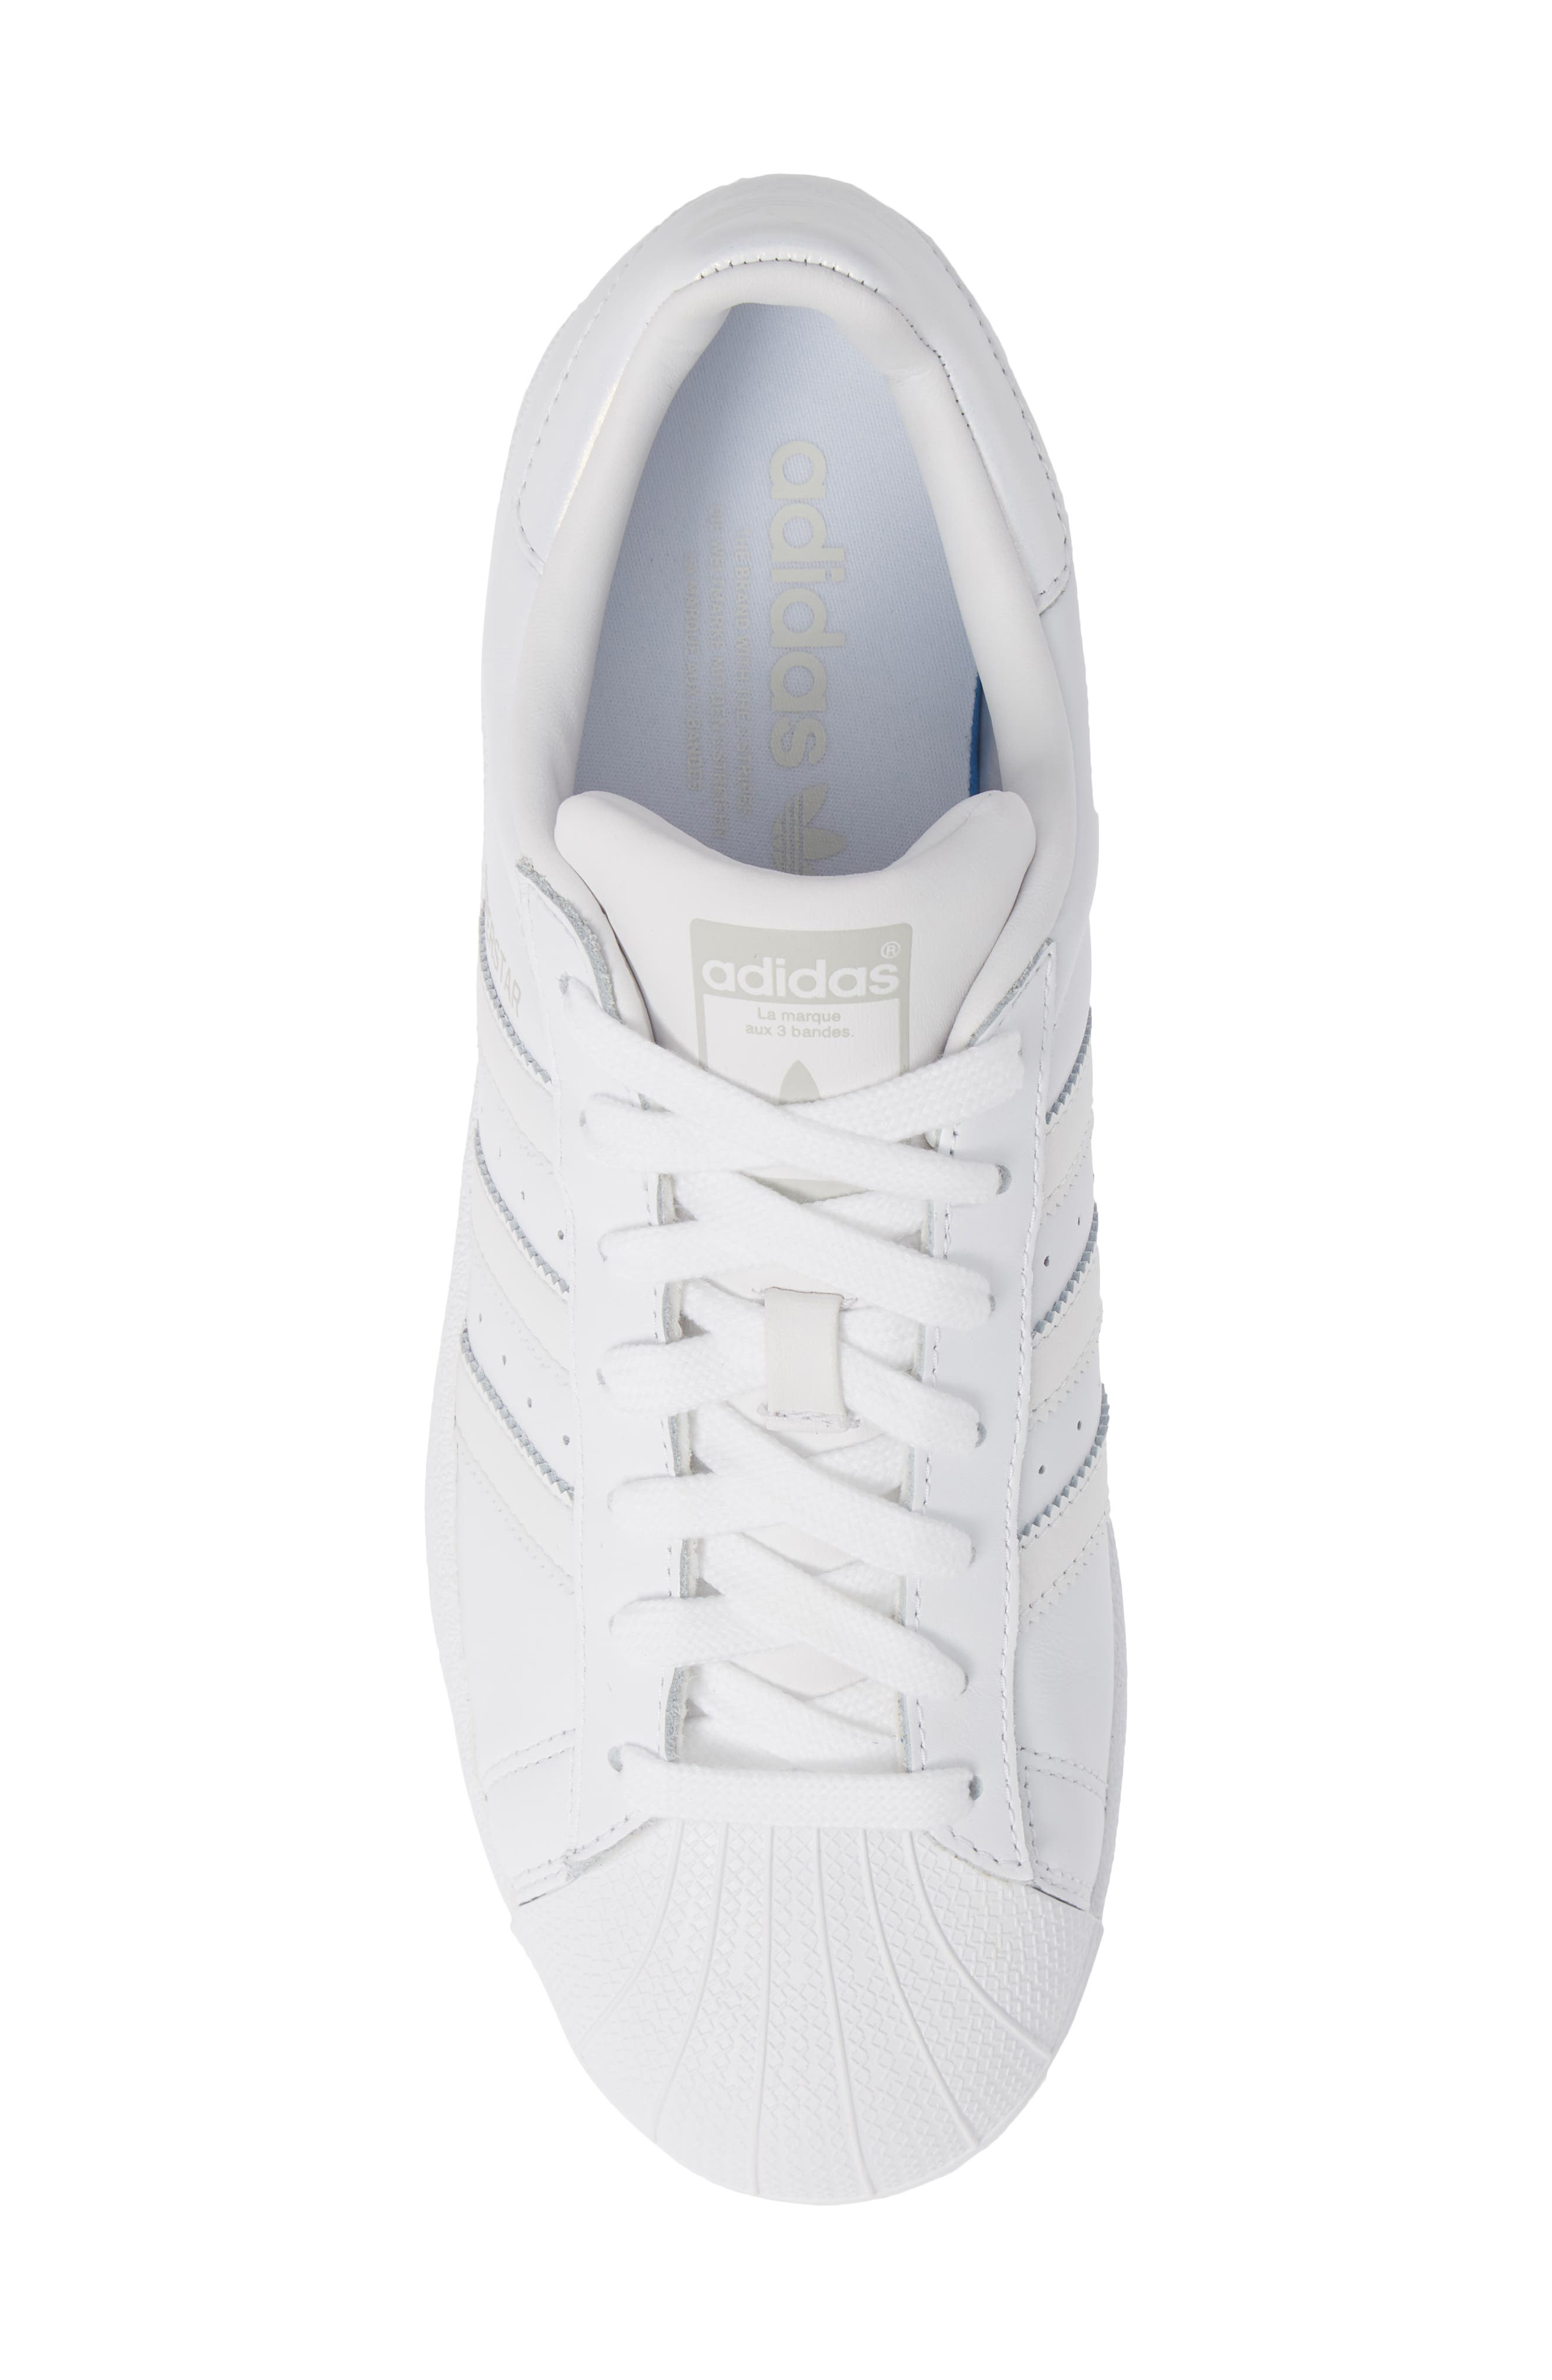 Superstar Sneaker,                             Alternate thumbnail 4, color,                             White/ White/ Grey One